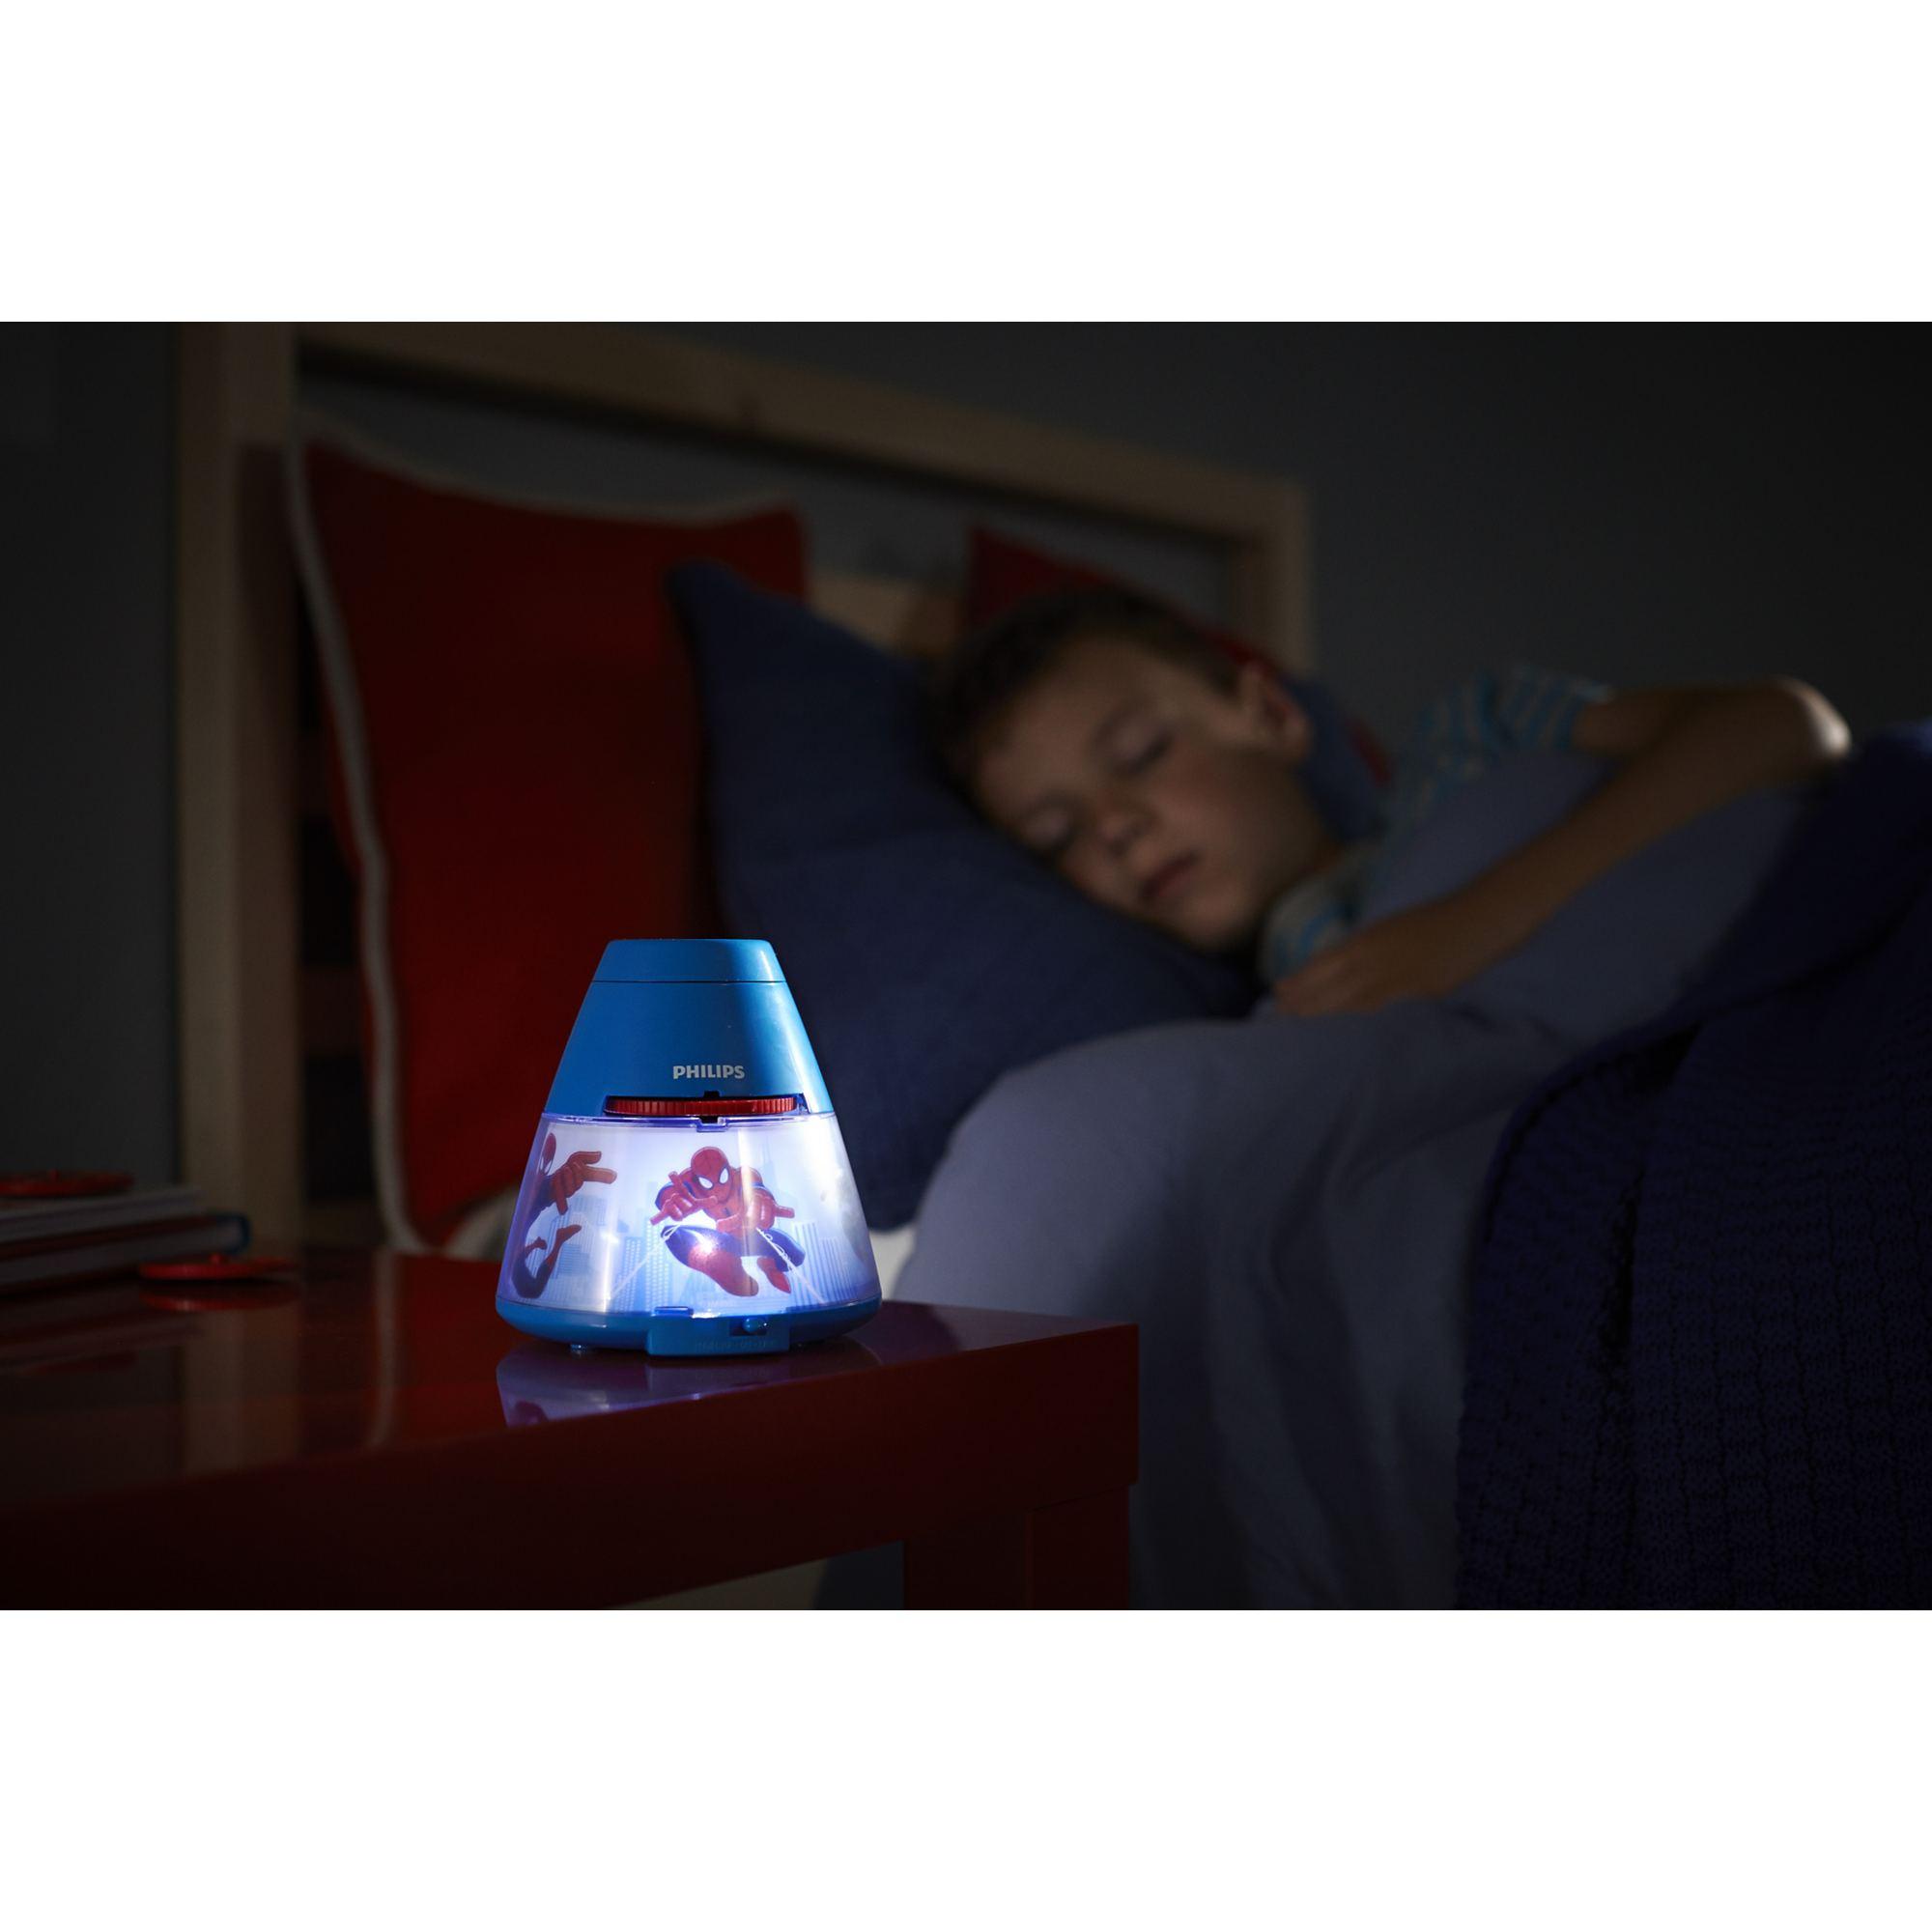 Philips Marvel Spiderman Children S Led Night Light